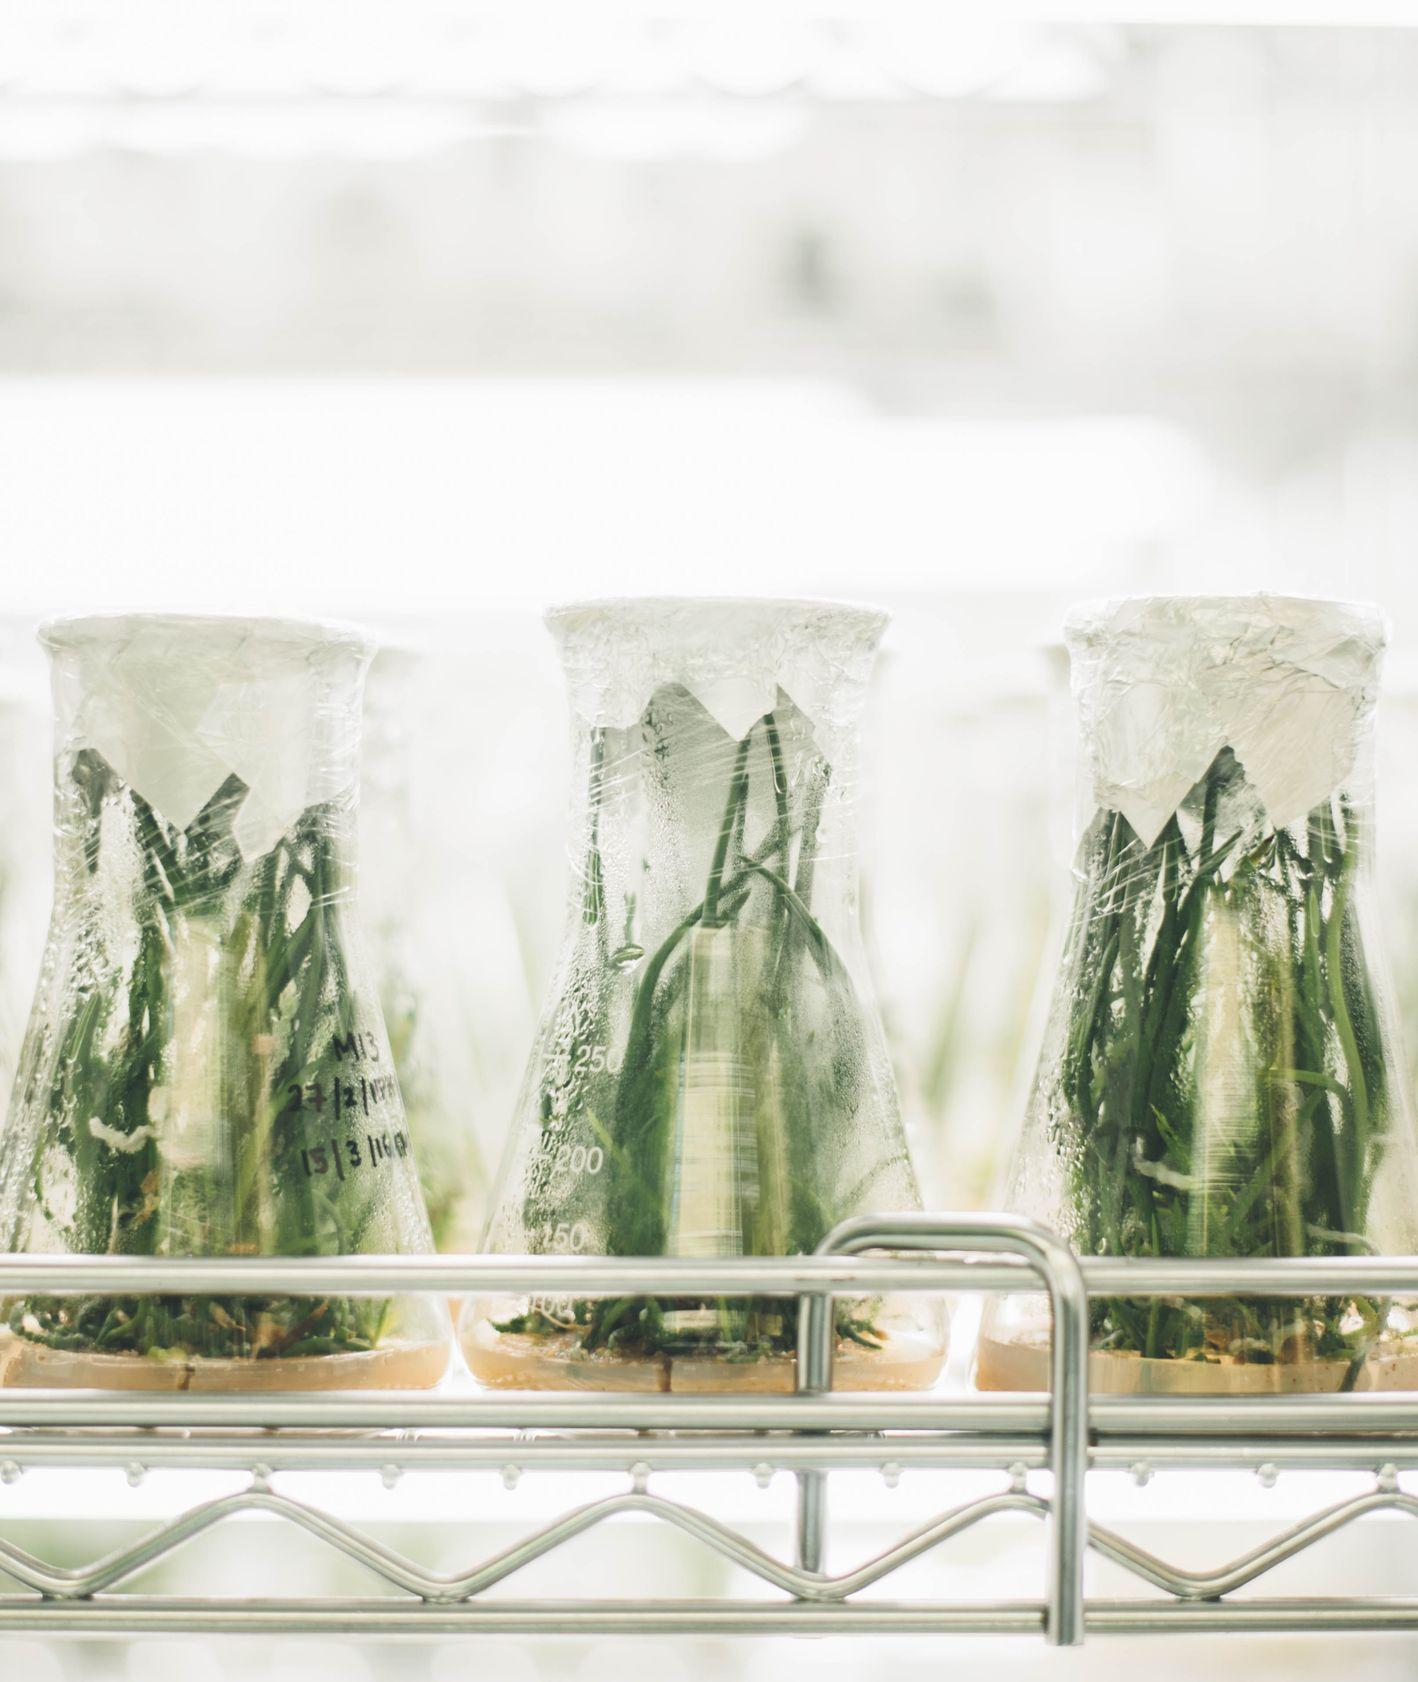 Novel Food. Rośliny w laboratoryjnych probówkach (fot. Chuttersnap / unsplash.com